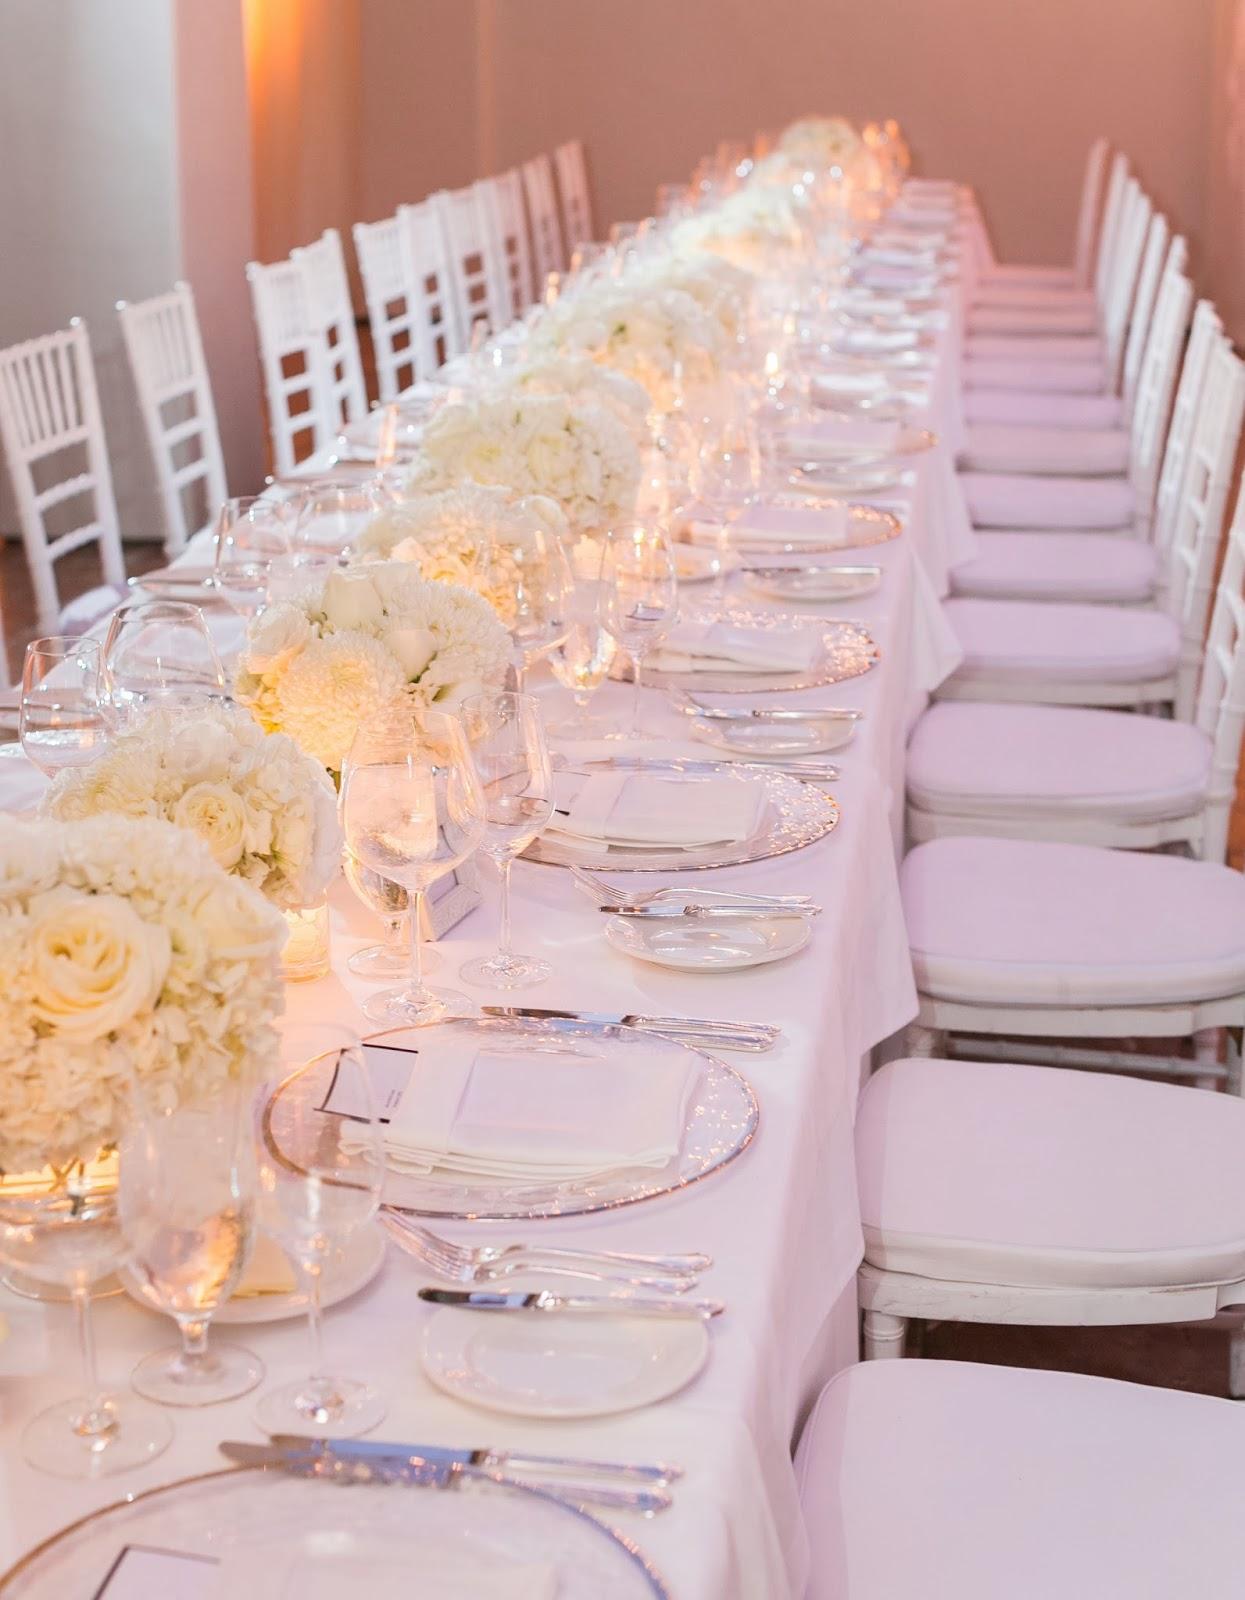 Svatba komplet čistě bílá - Obrázek č. 58